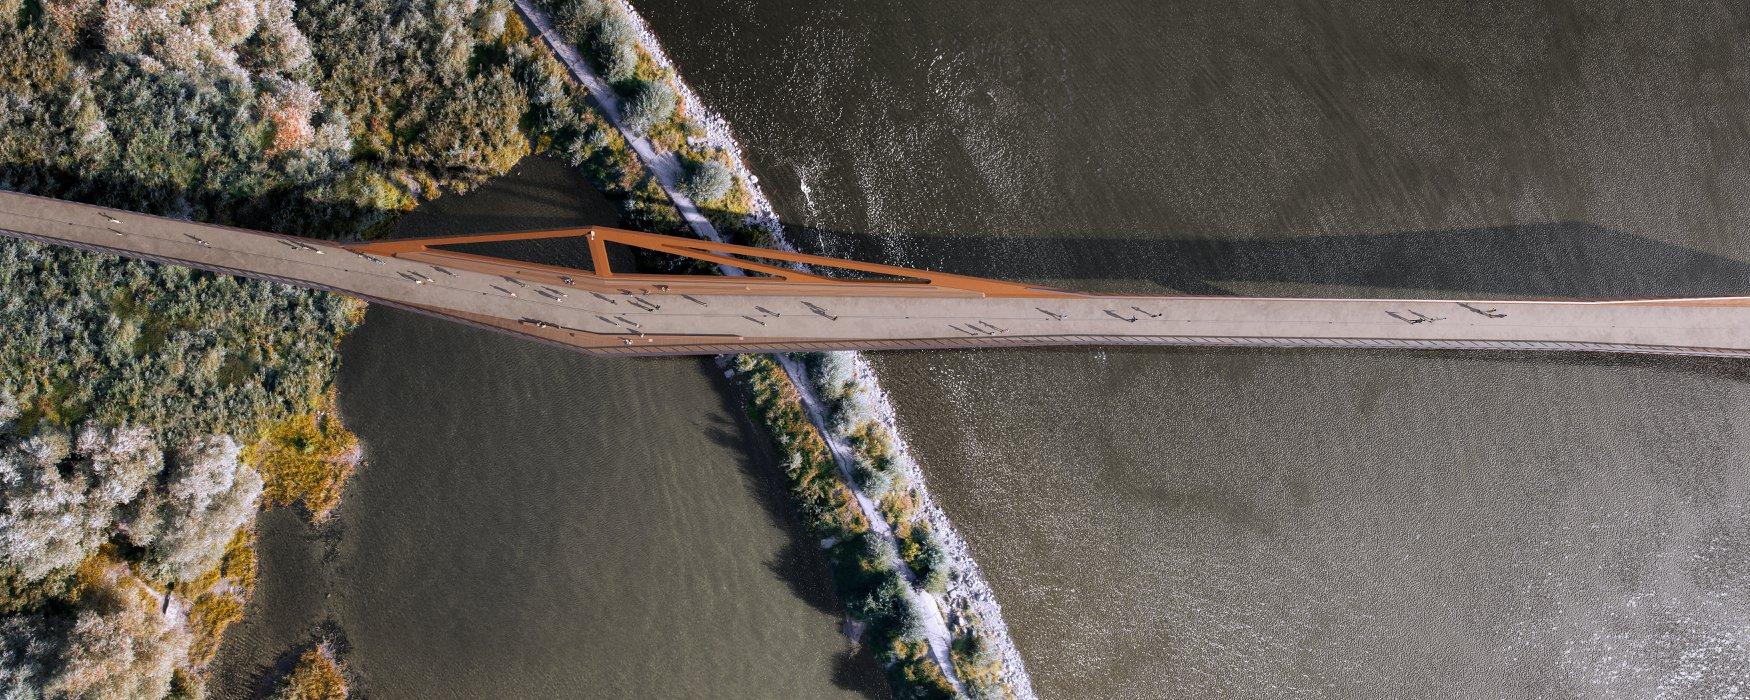 У Варшаві будують один із найдовших у світі велопішохідних мостів: фото